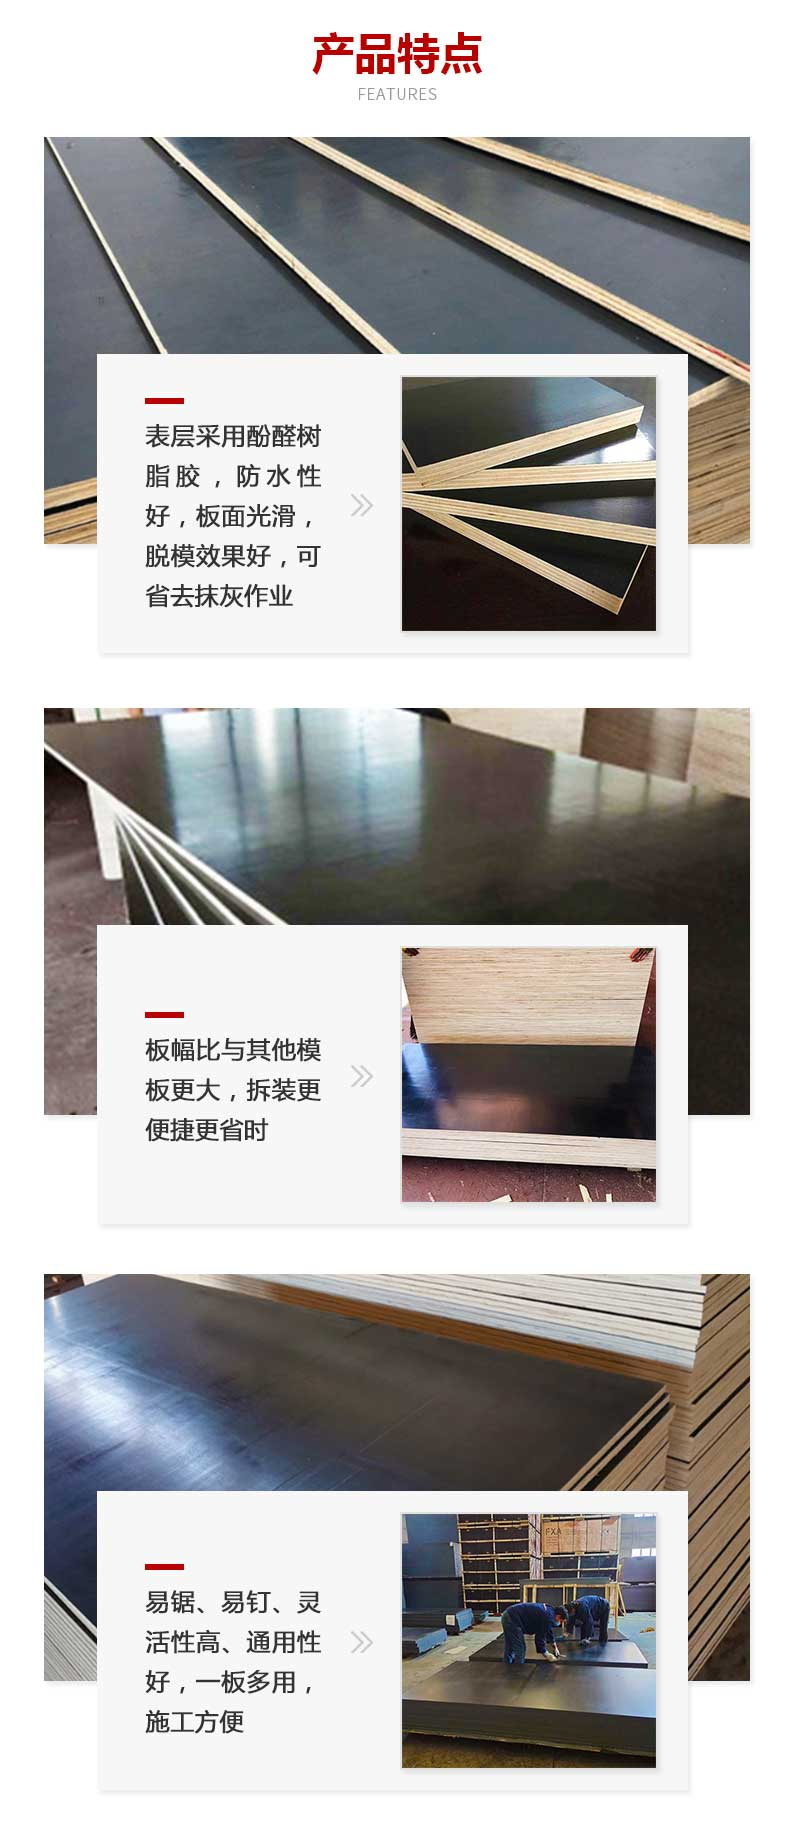 建筑清水模板金桥板业产品特点介绍